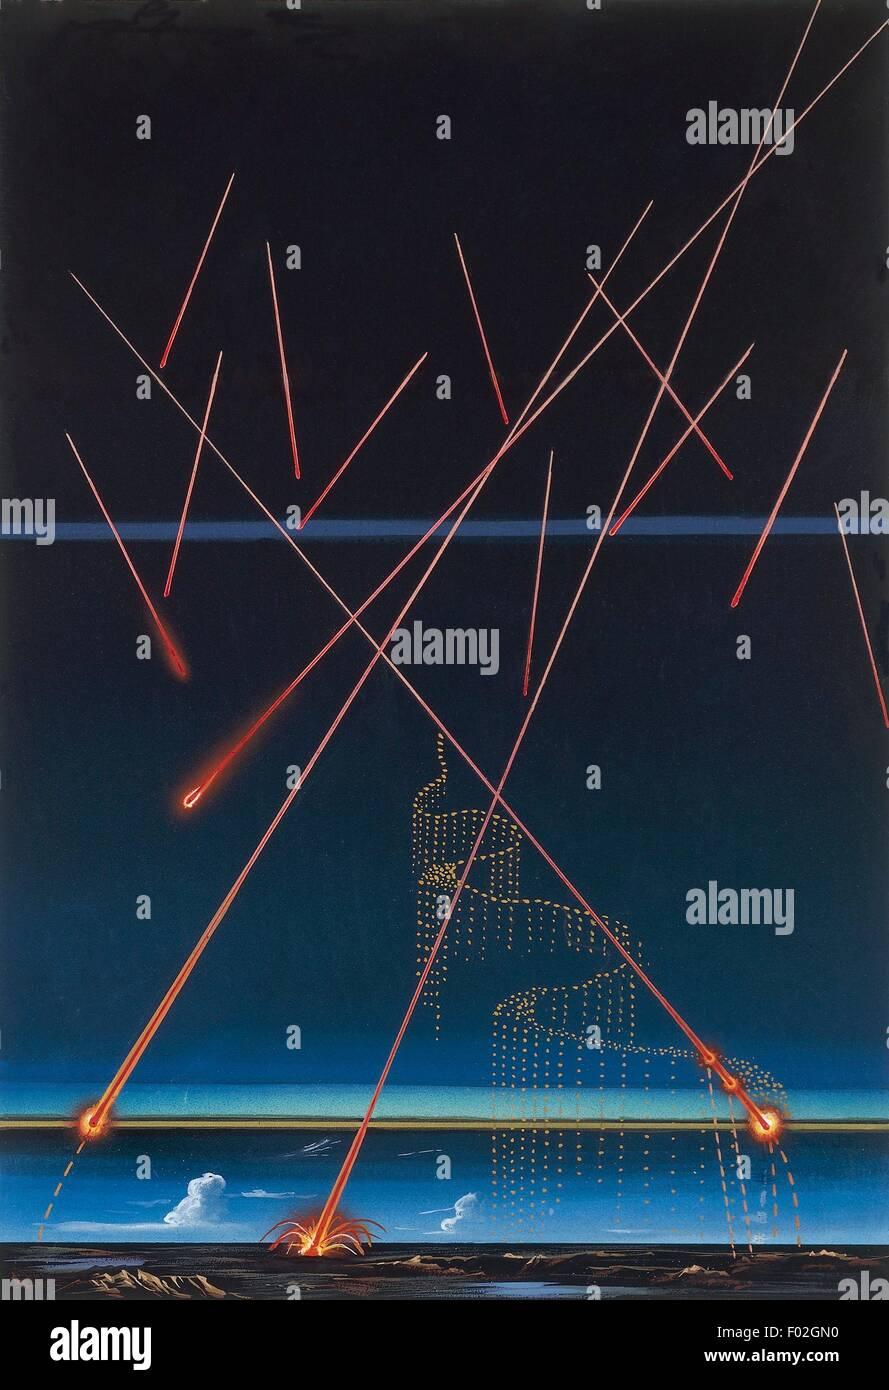 Astronomia - meteoriti traiettorie, illustrazione Immagini Stock